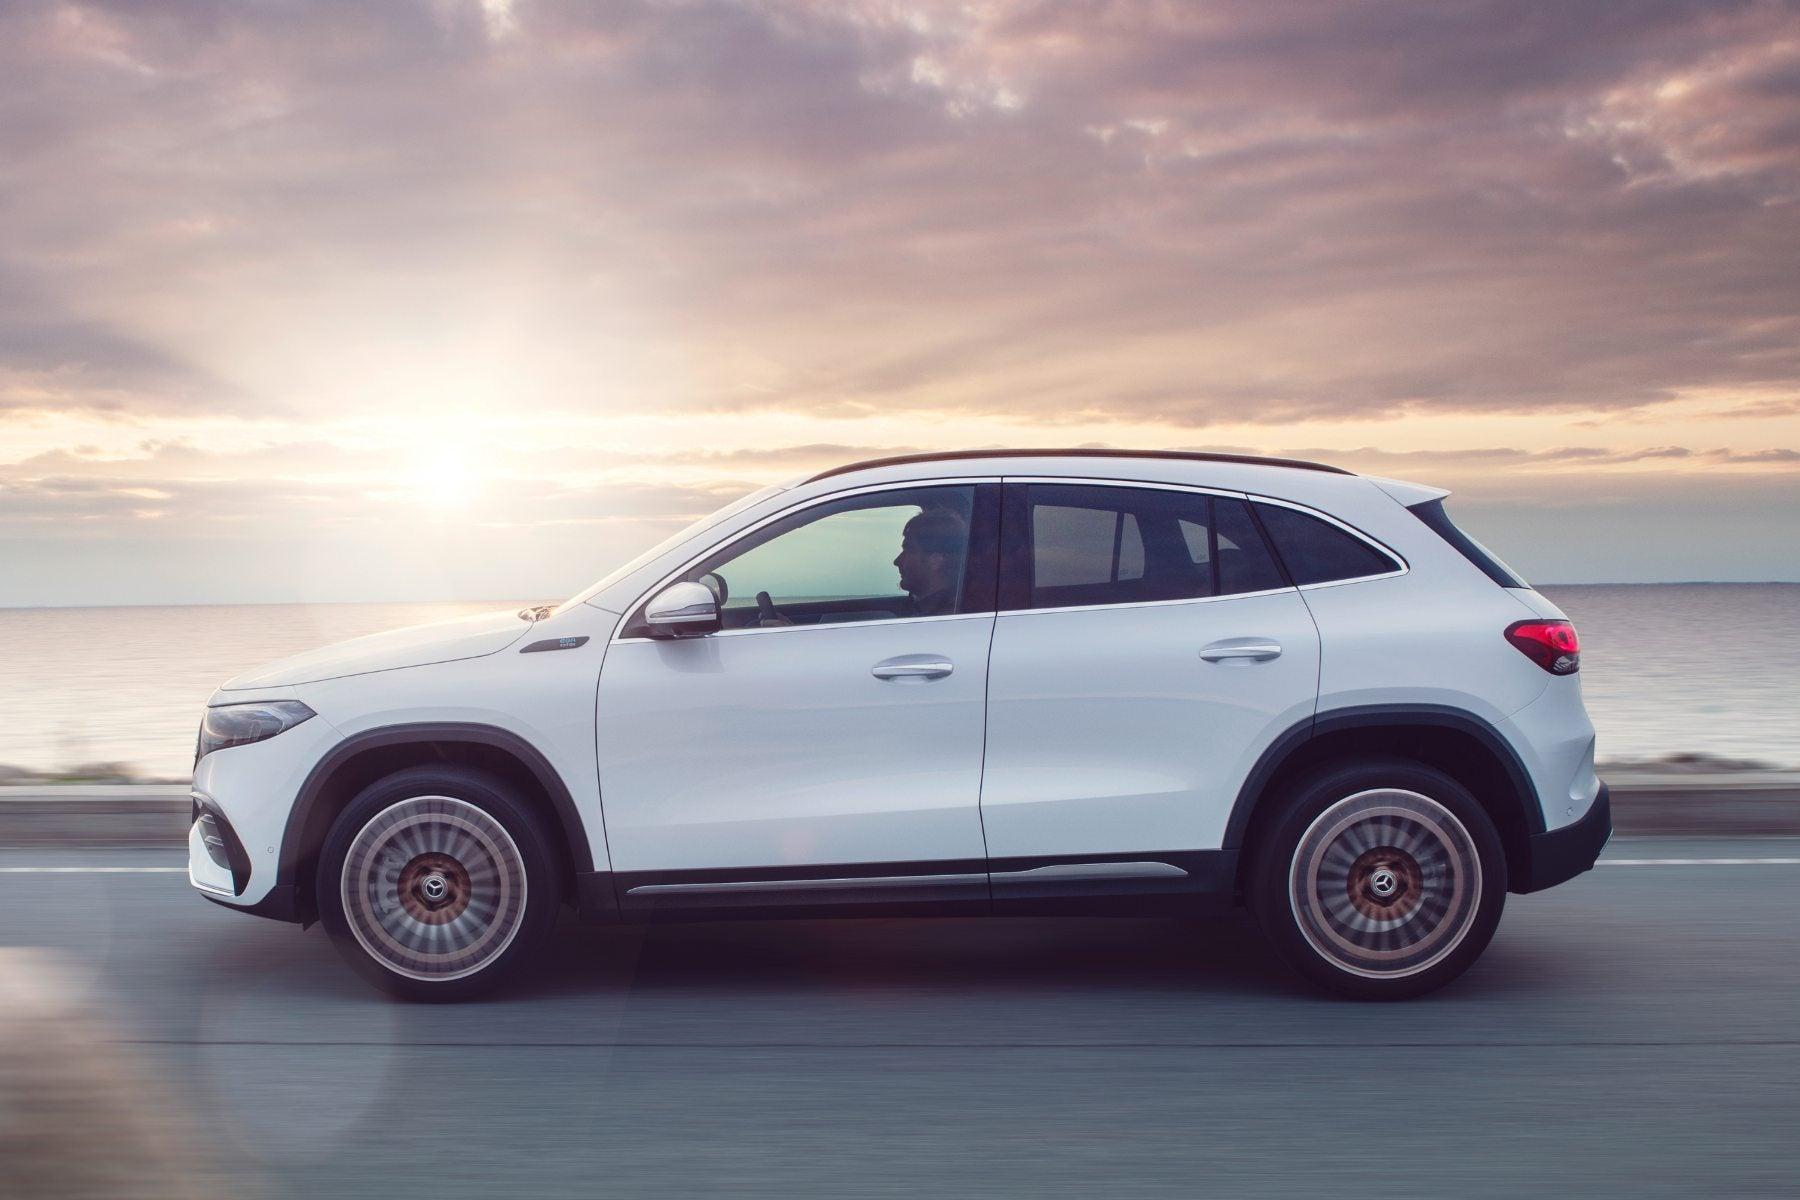 Mercedes-Benz EQA exterior moving